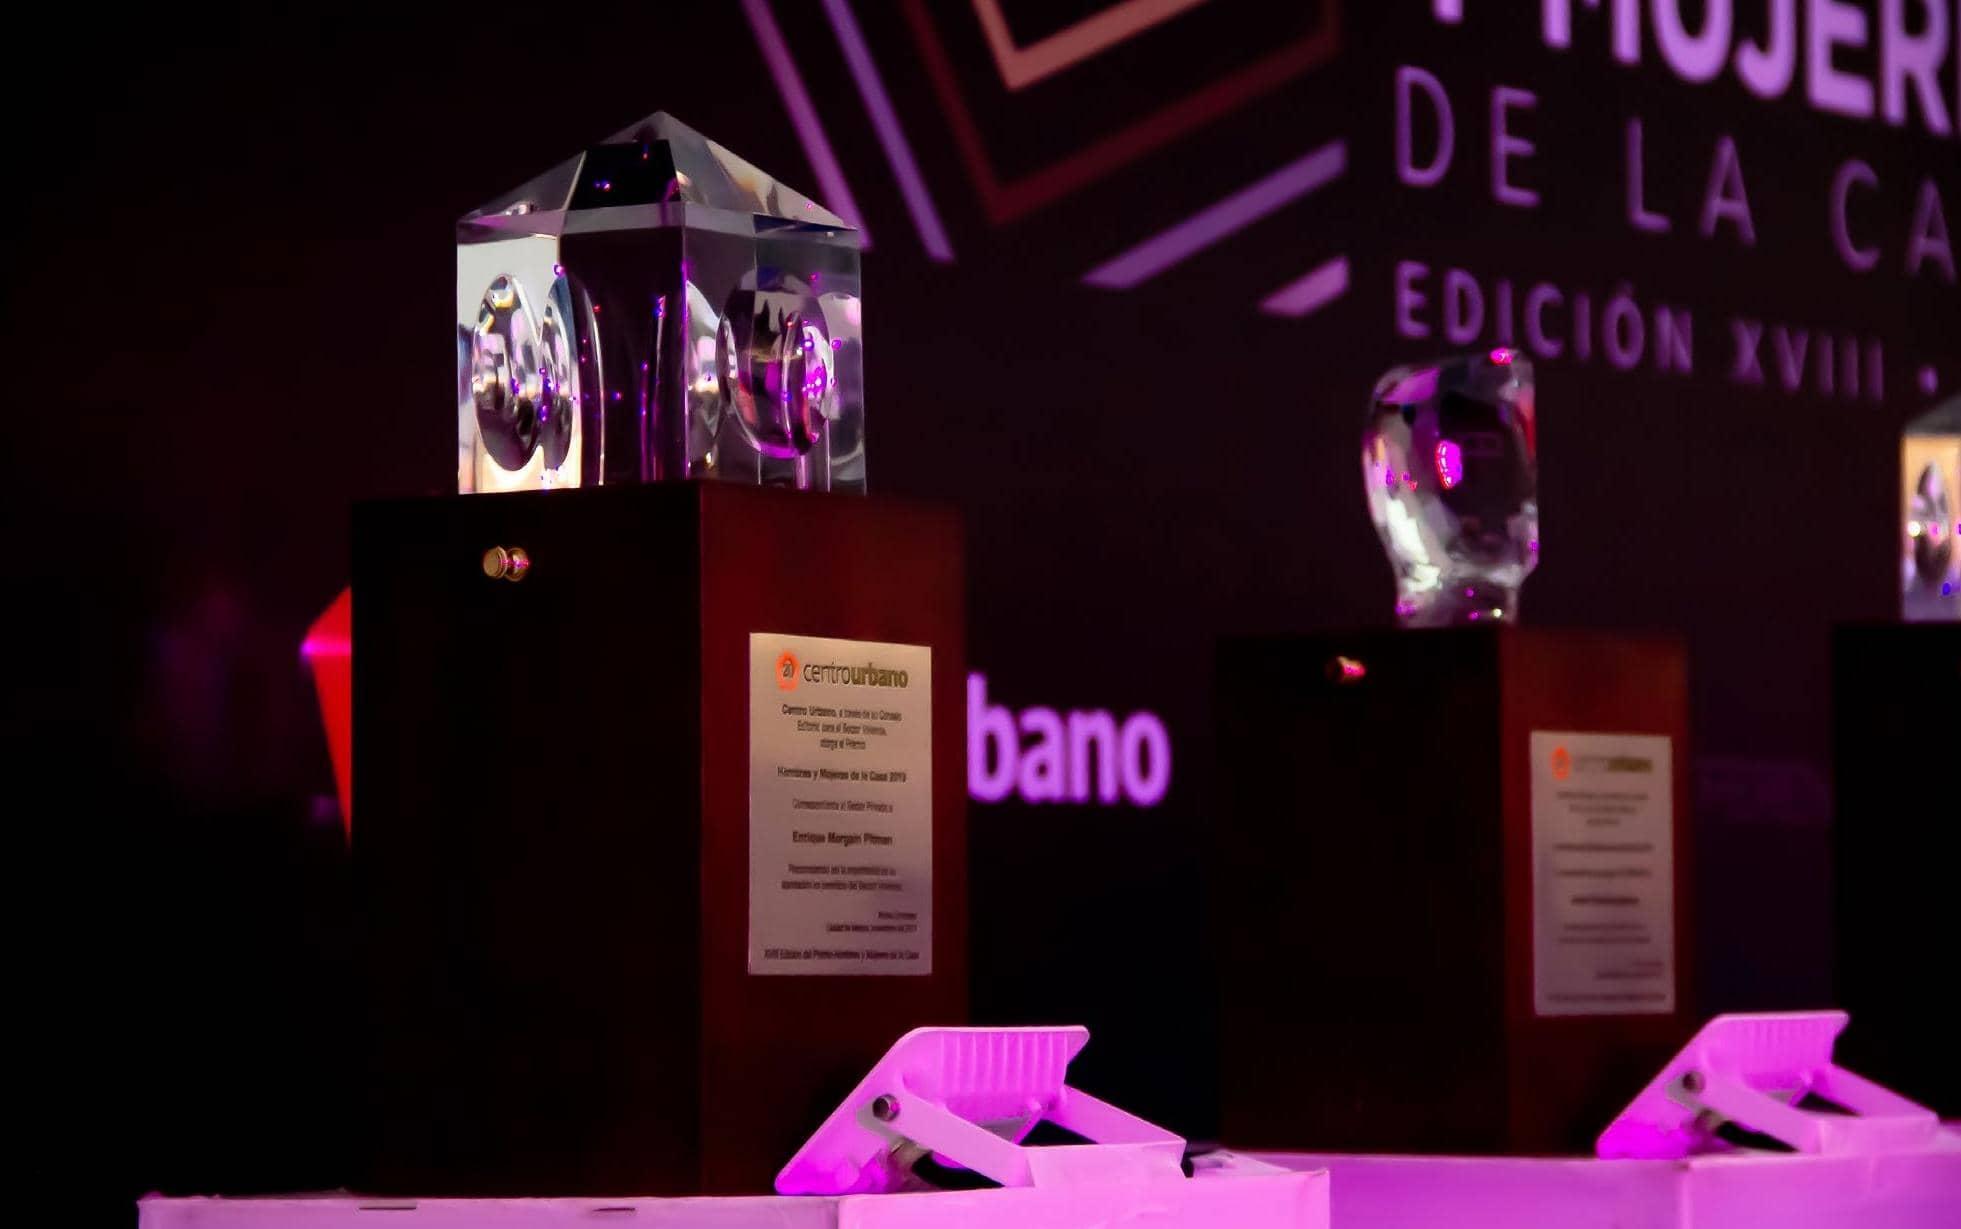 GRANDES PERSONALIDADES SE REÚNEN EN LA FIESTA DE LA VIVIENDA 2019